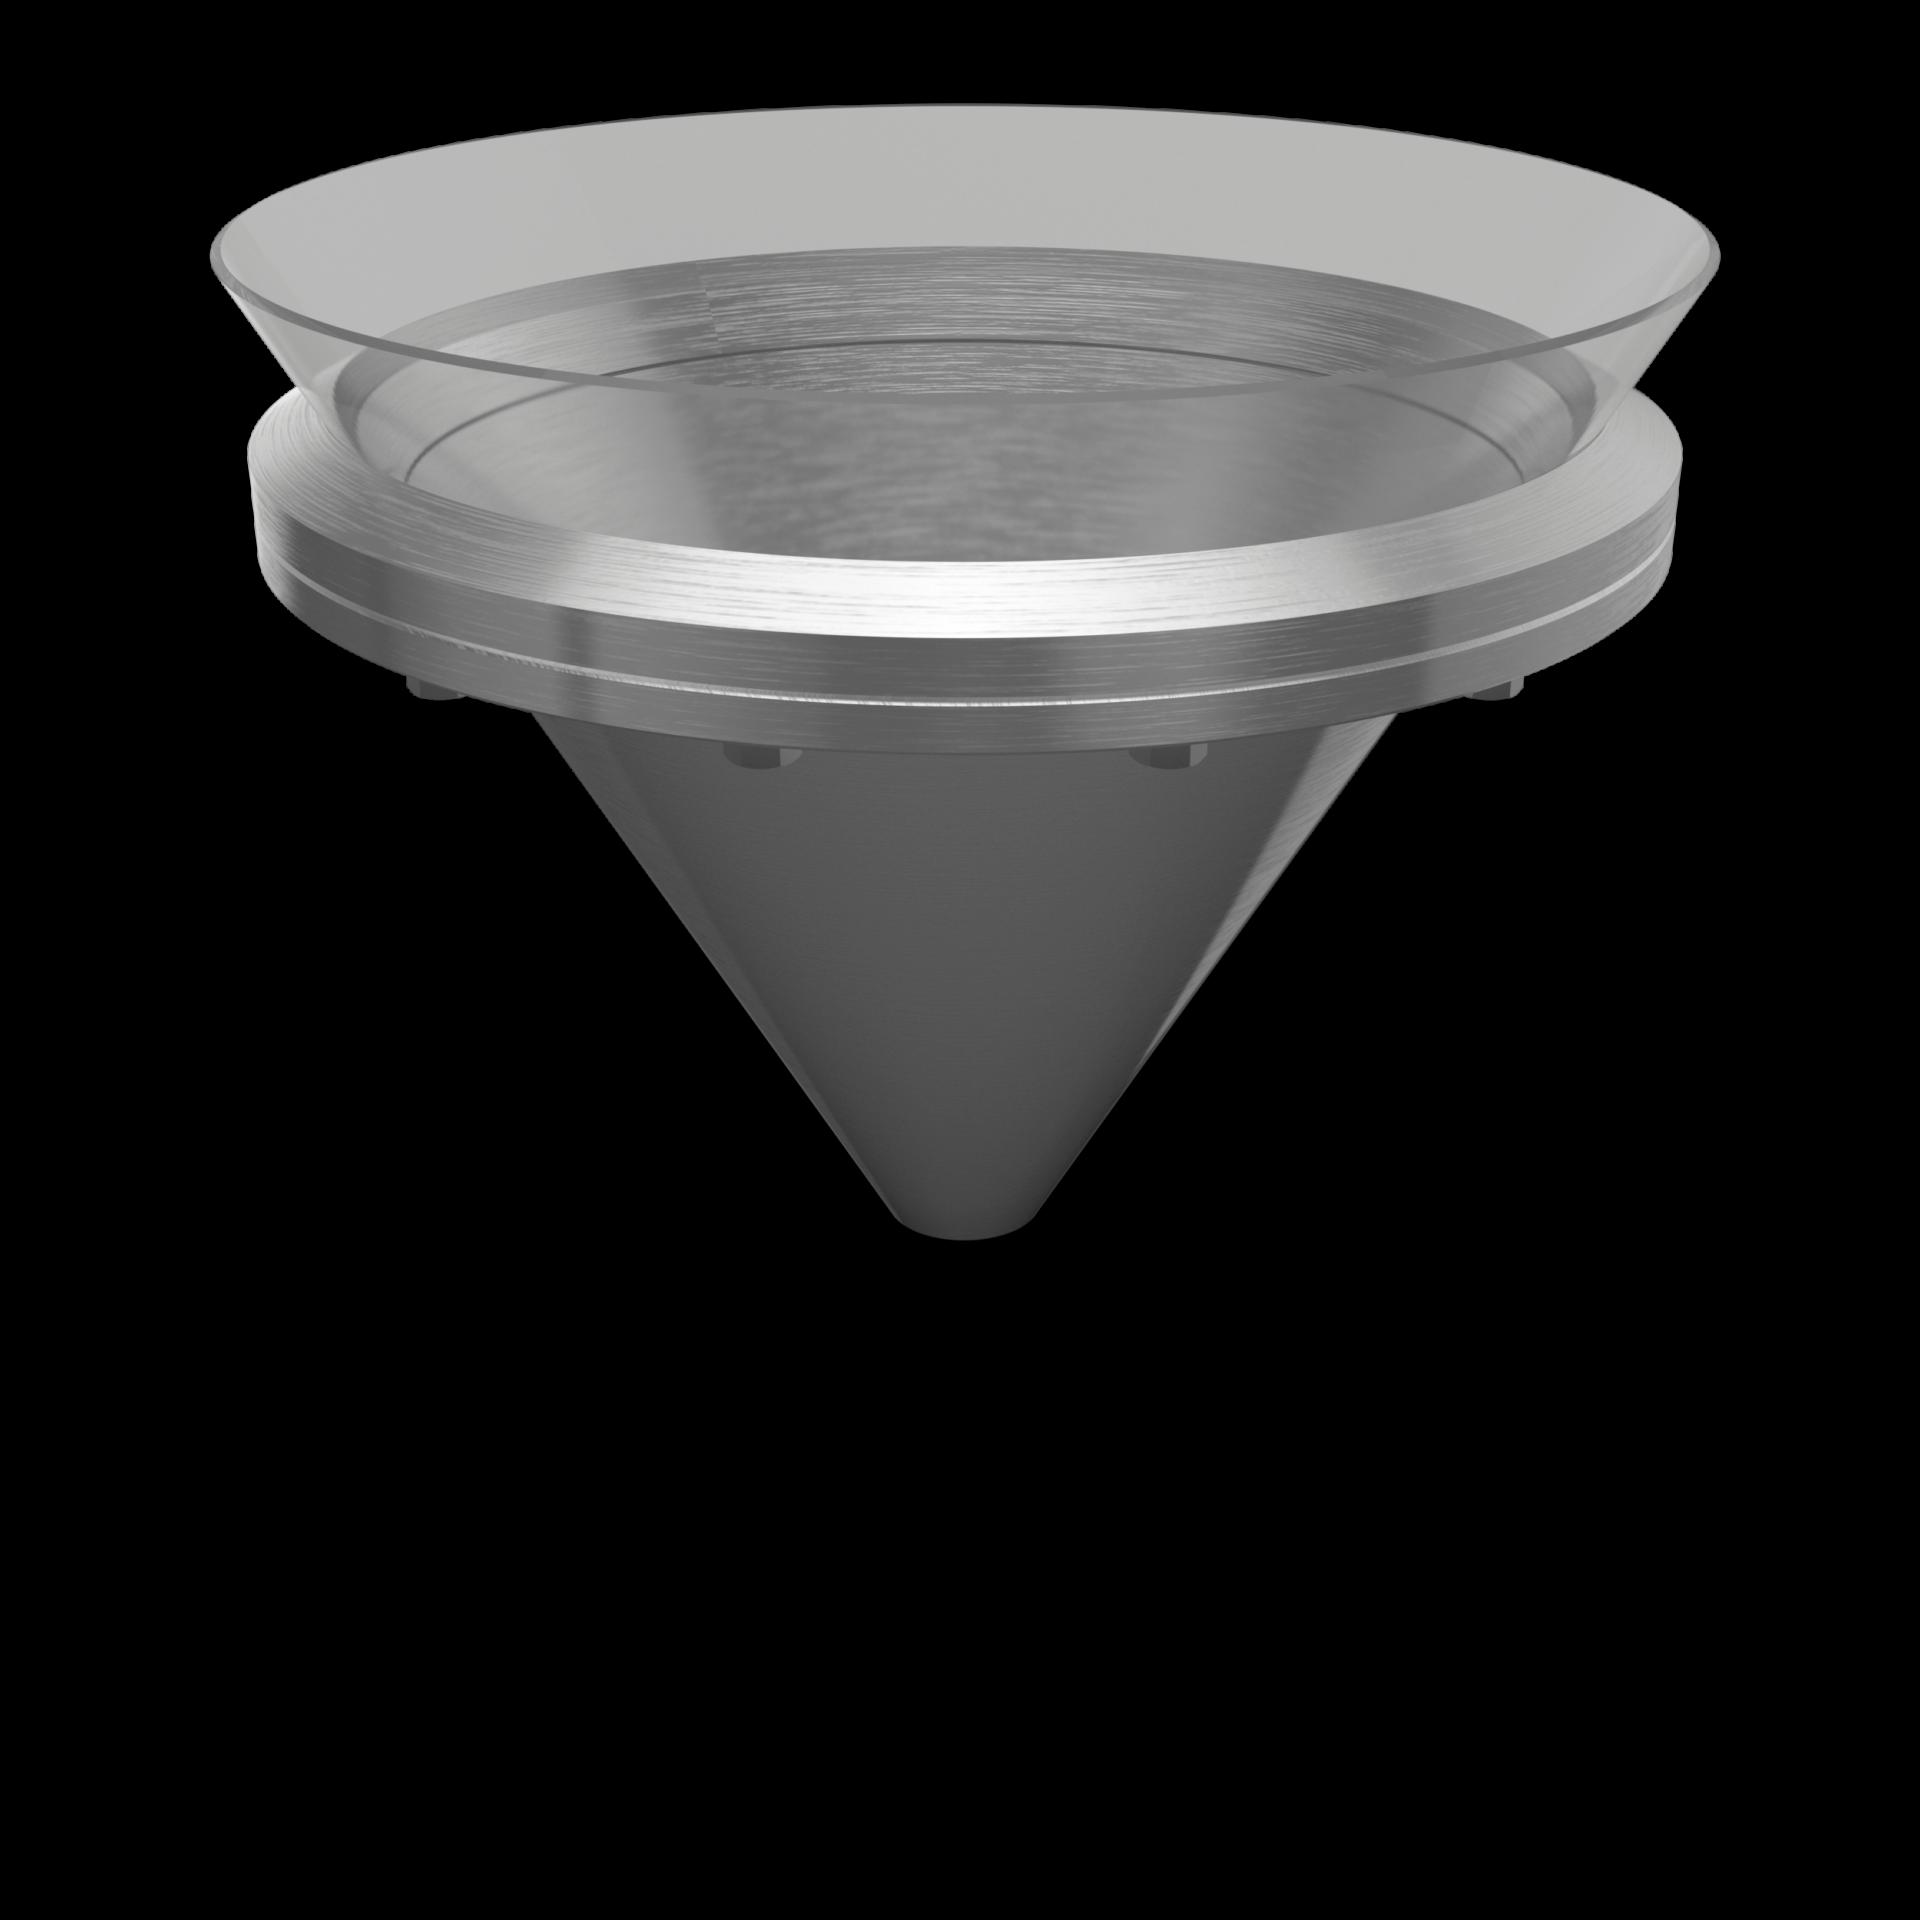 Druck-Konusverschluss (komplett konisch) bis 6/-1 bar